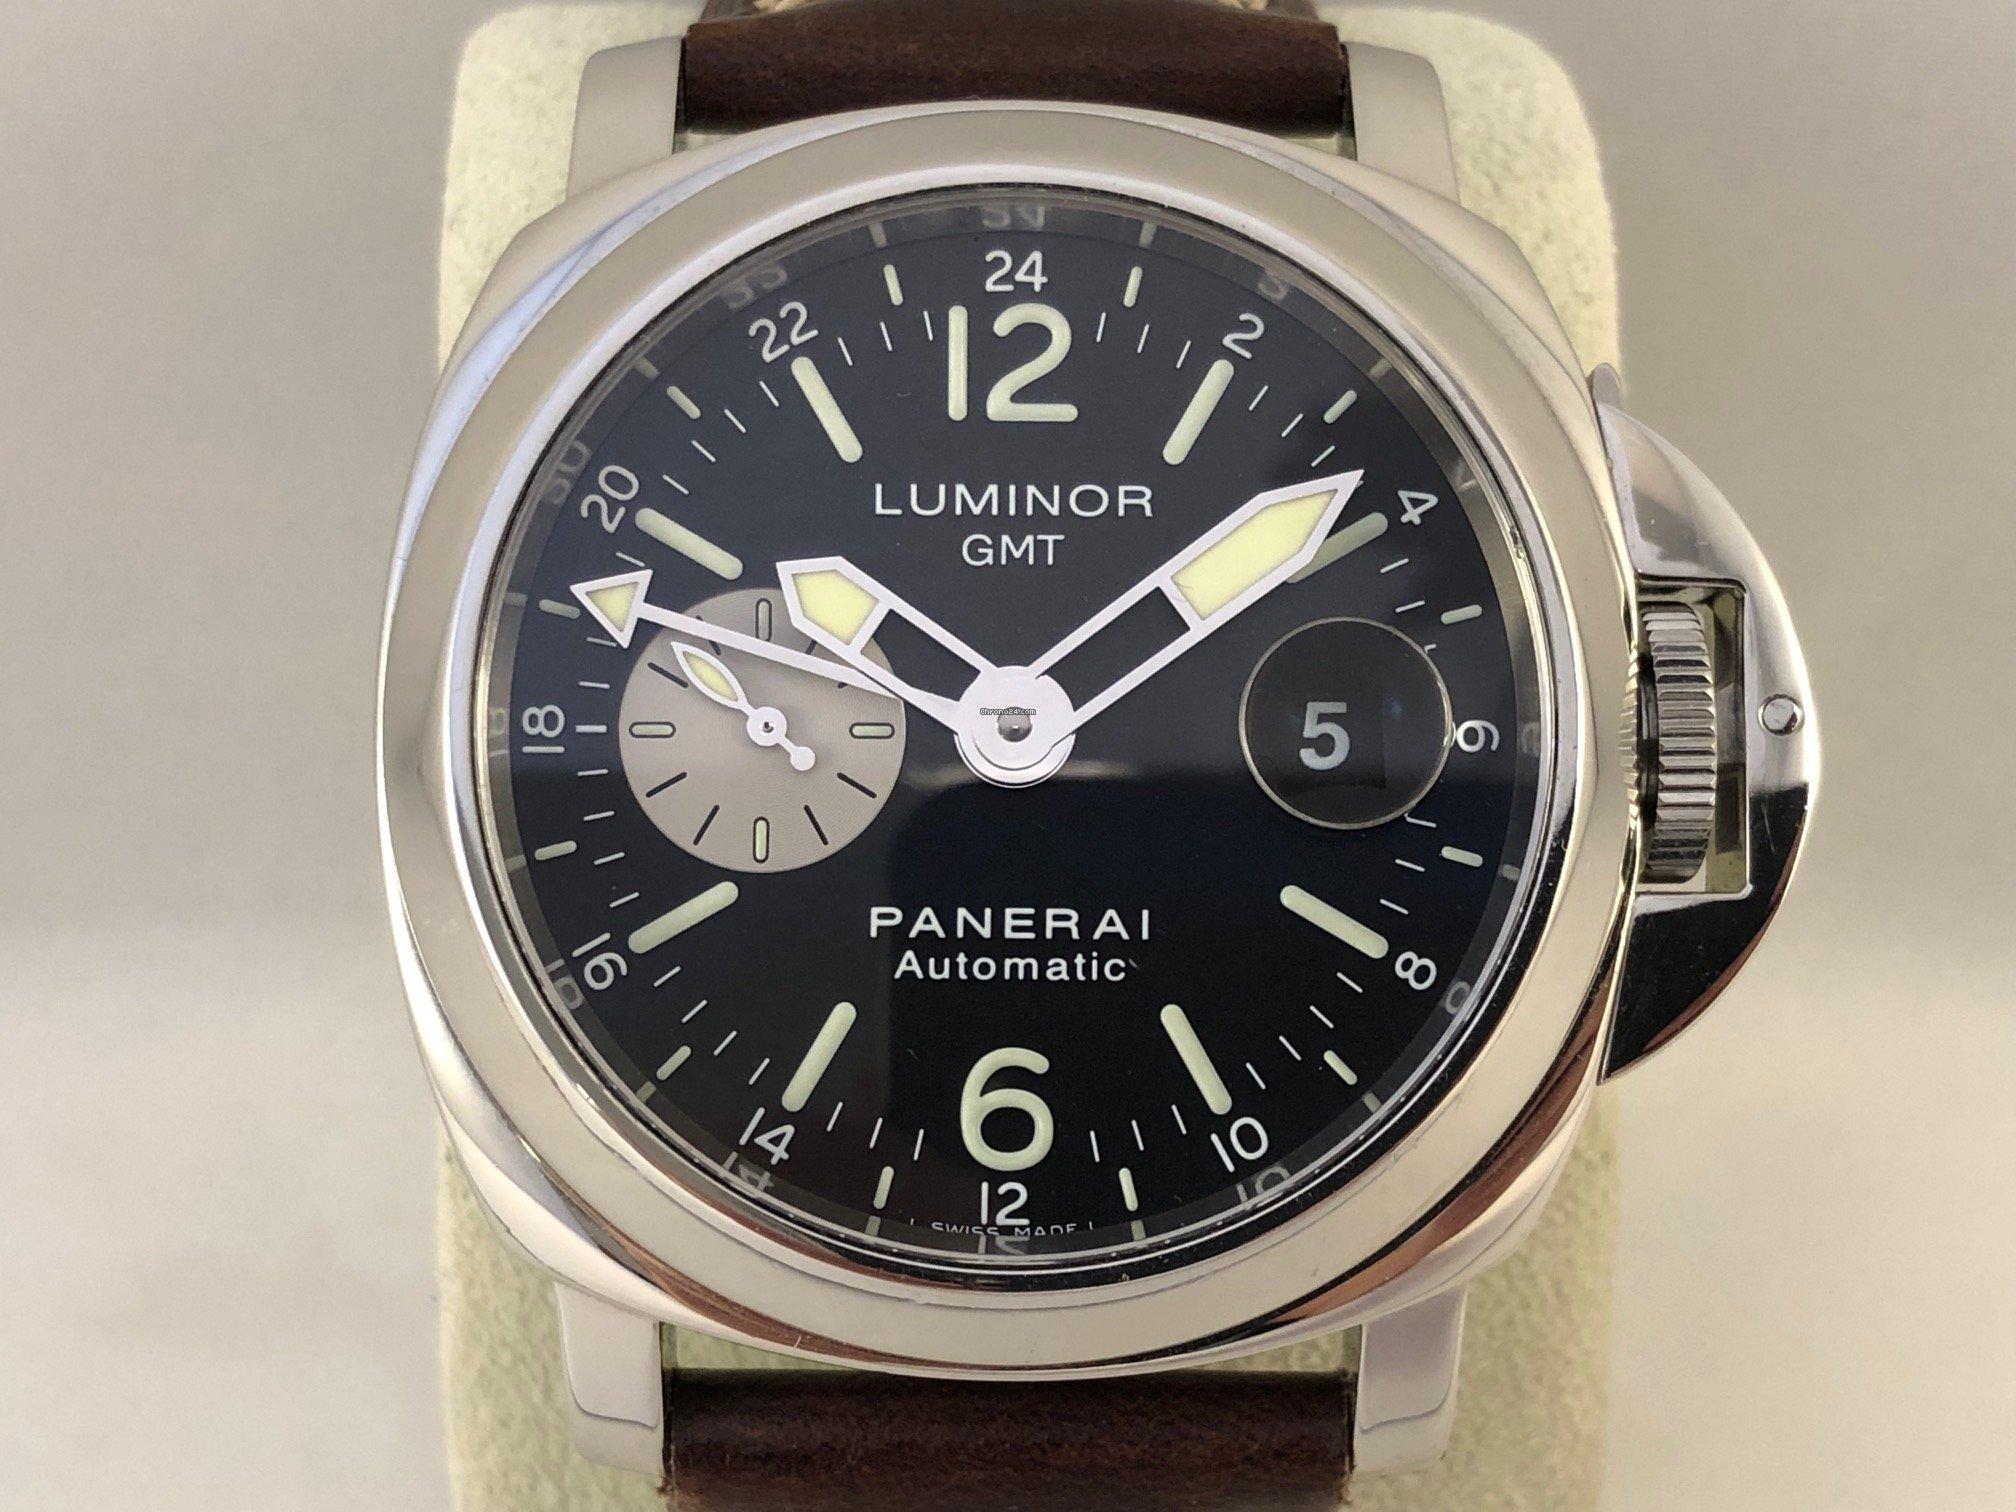 best service 306d6 e5f7f パネライ ルミノール GMT オートマチック PAM 00088 価格 ...